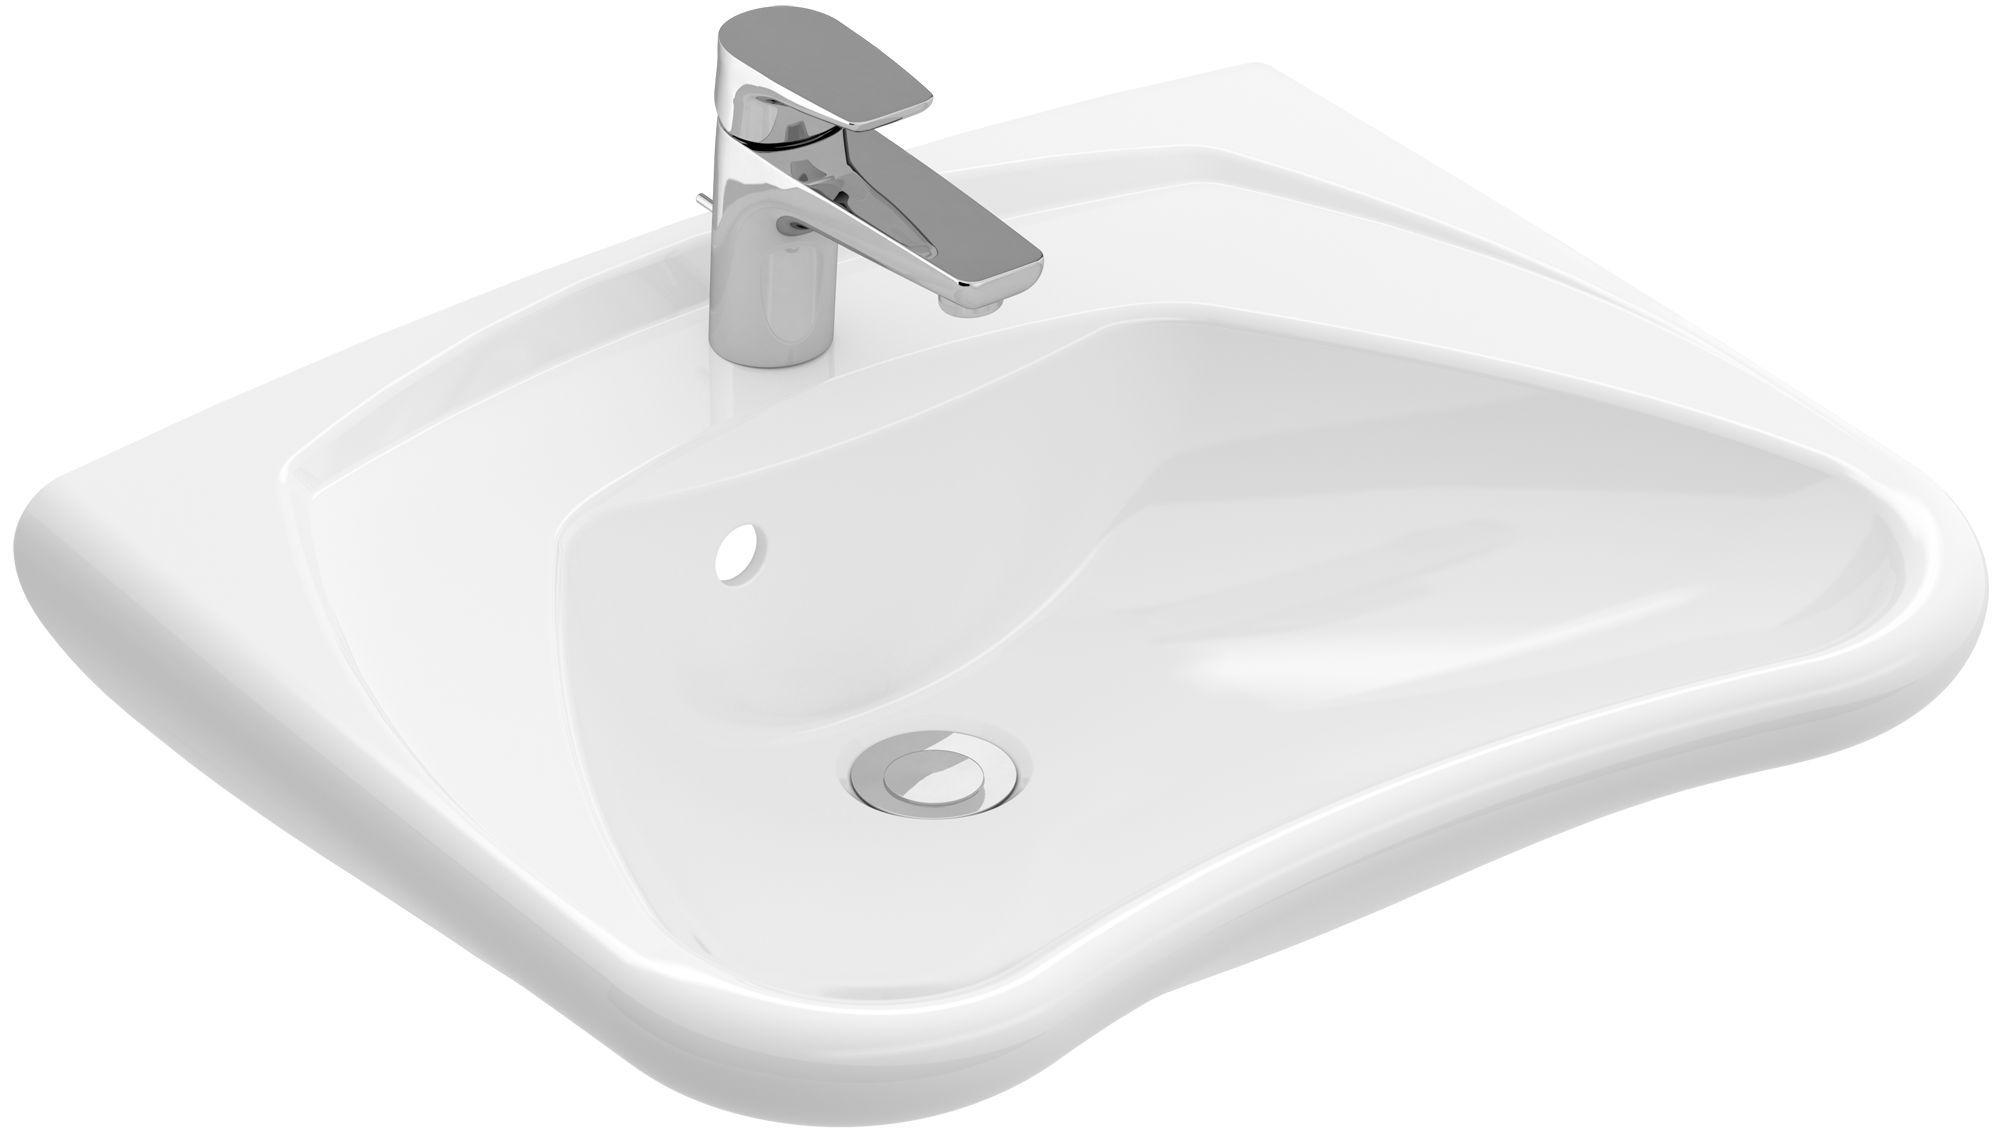 Villeroy & Boch O.novo Vita Waschtisch B:60xT:49cm 1 Hahnloch mit Überlauf unterfahrbar weiß mit Ceramicplus 711963R1